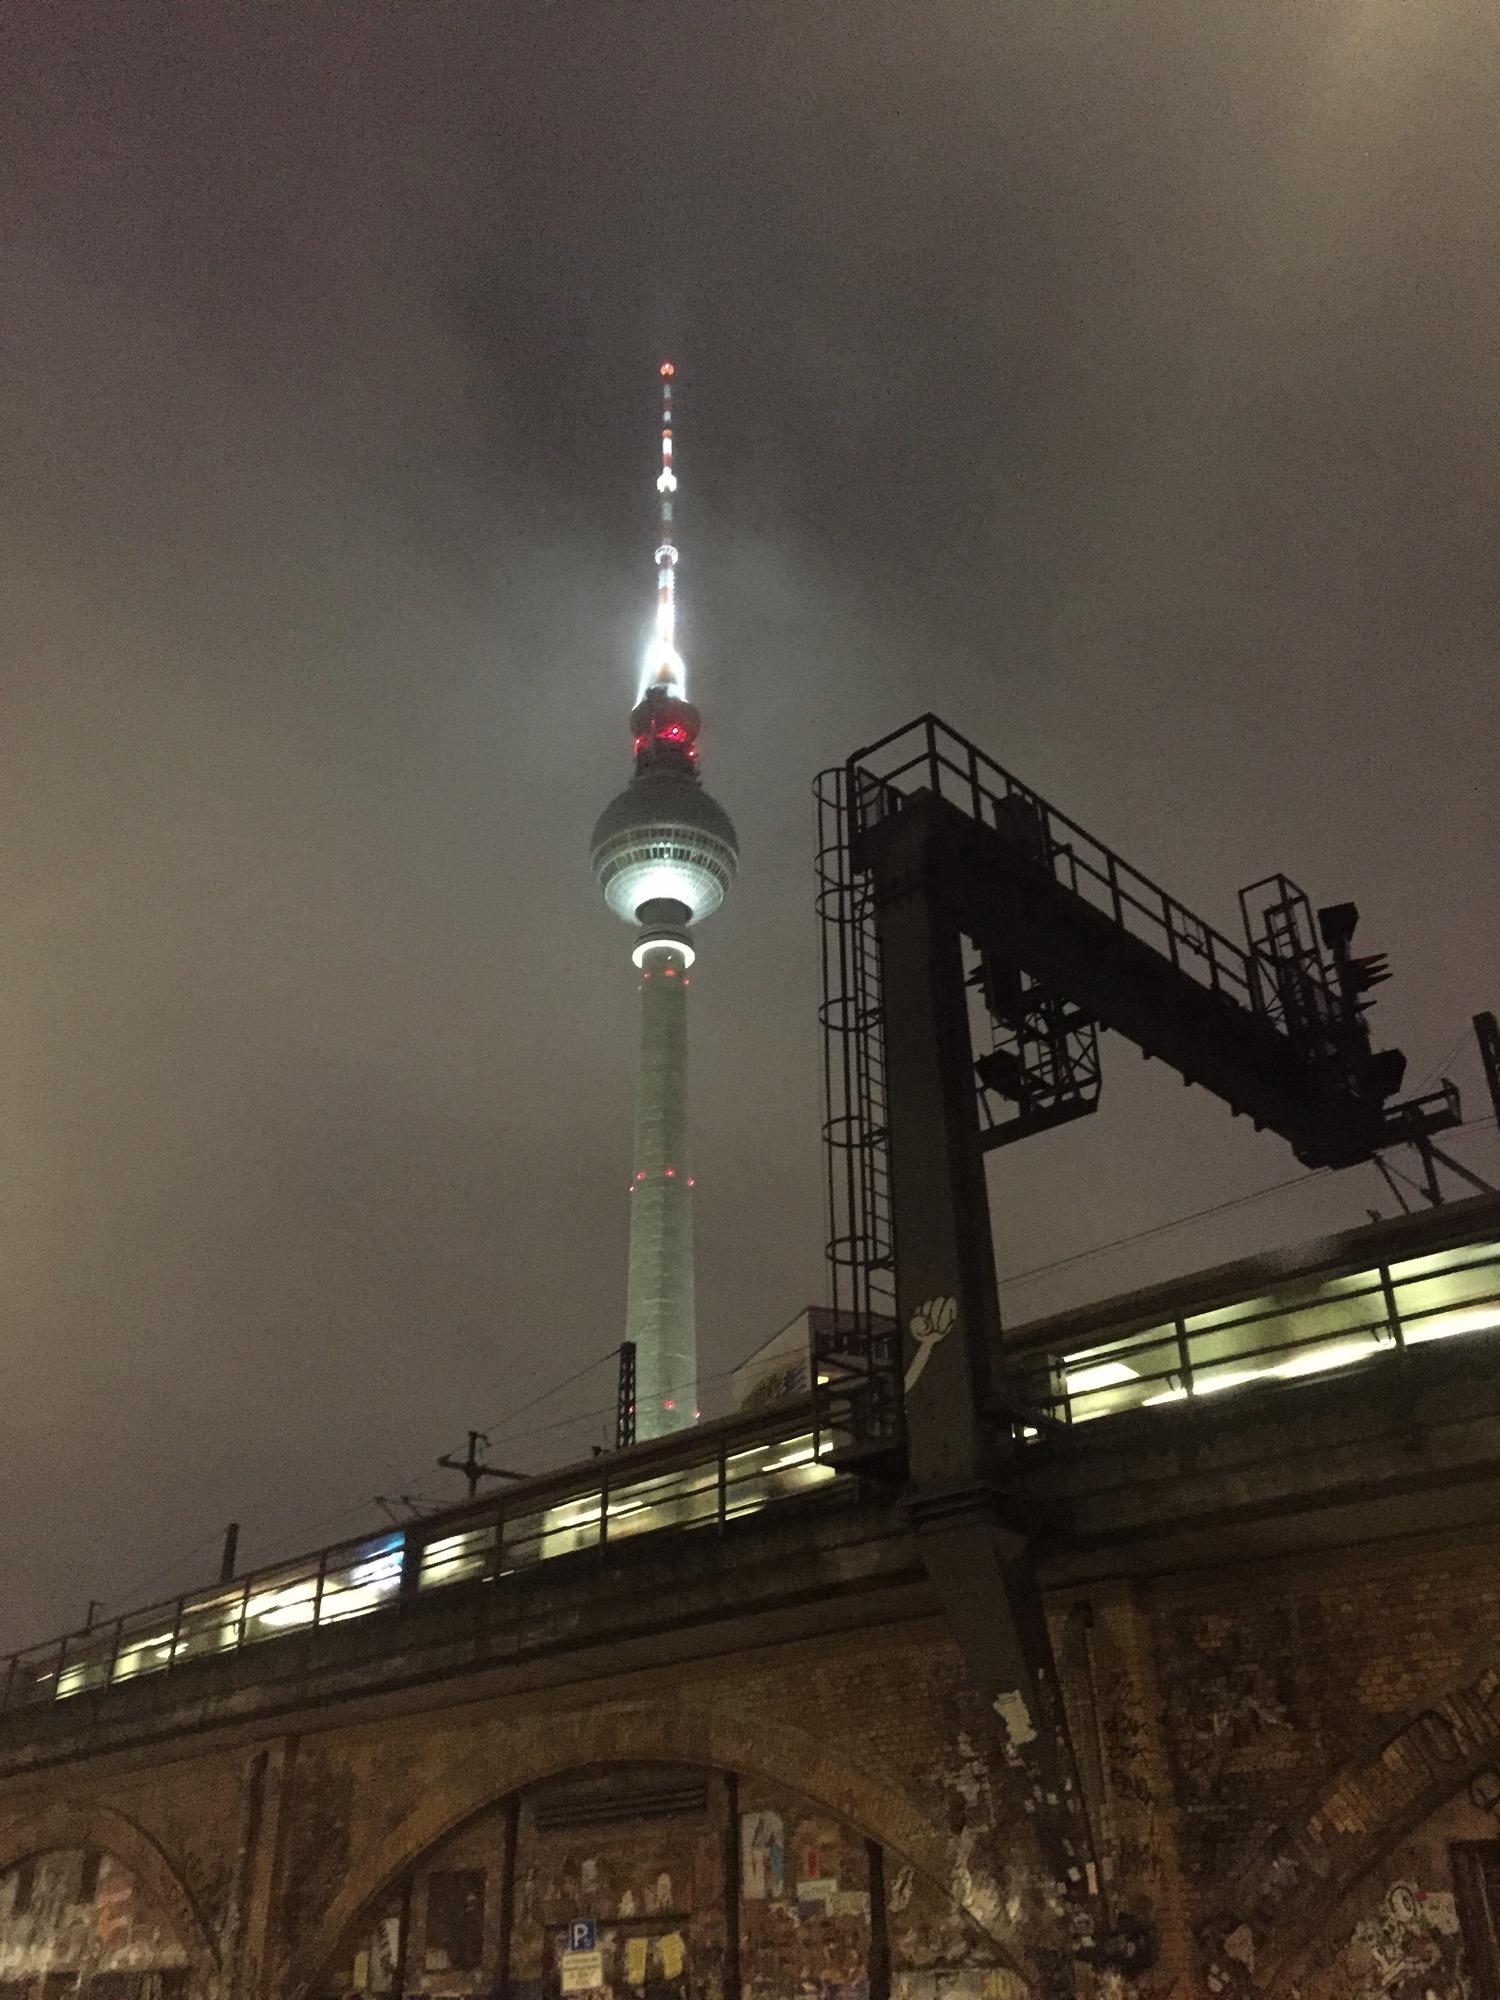 Fernsehturm Alexanderplatz Berlin Abend bewölkt